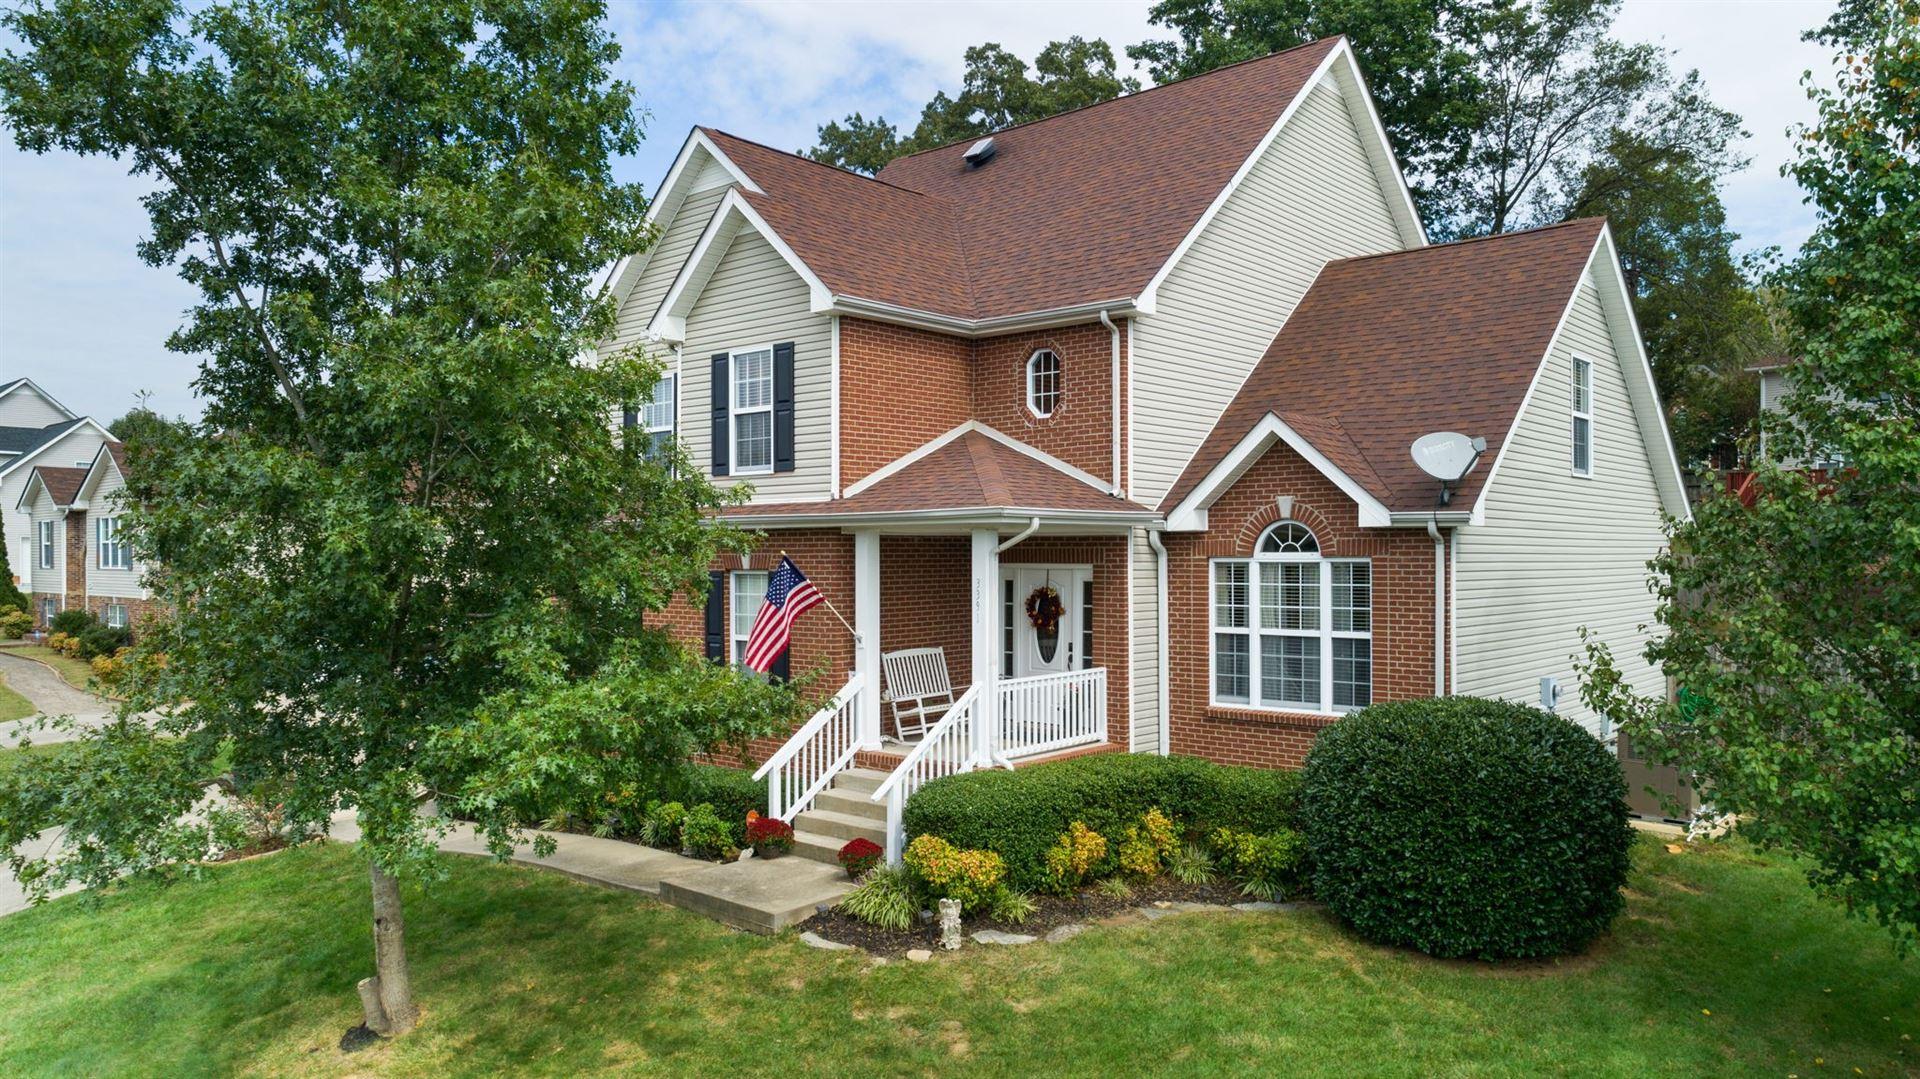 3391 Heatherwood Trce, Clarksville, TN 37040 - MLS#: 2297020